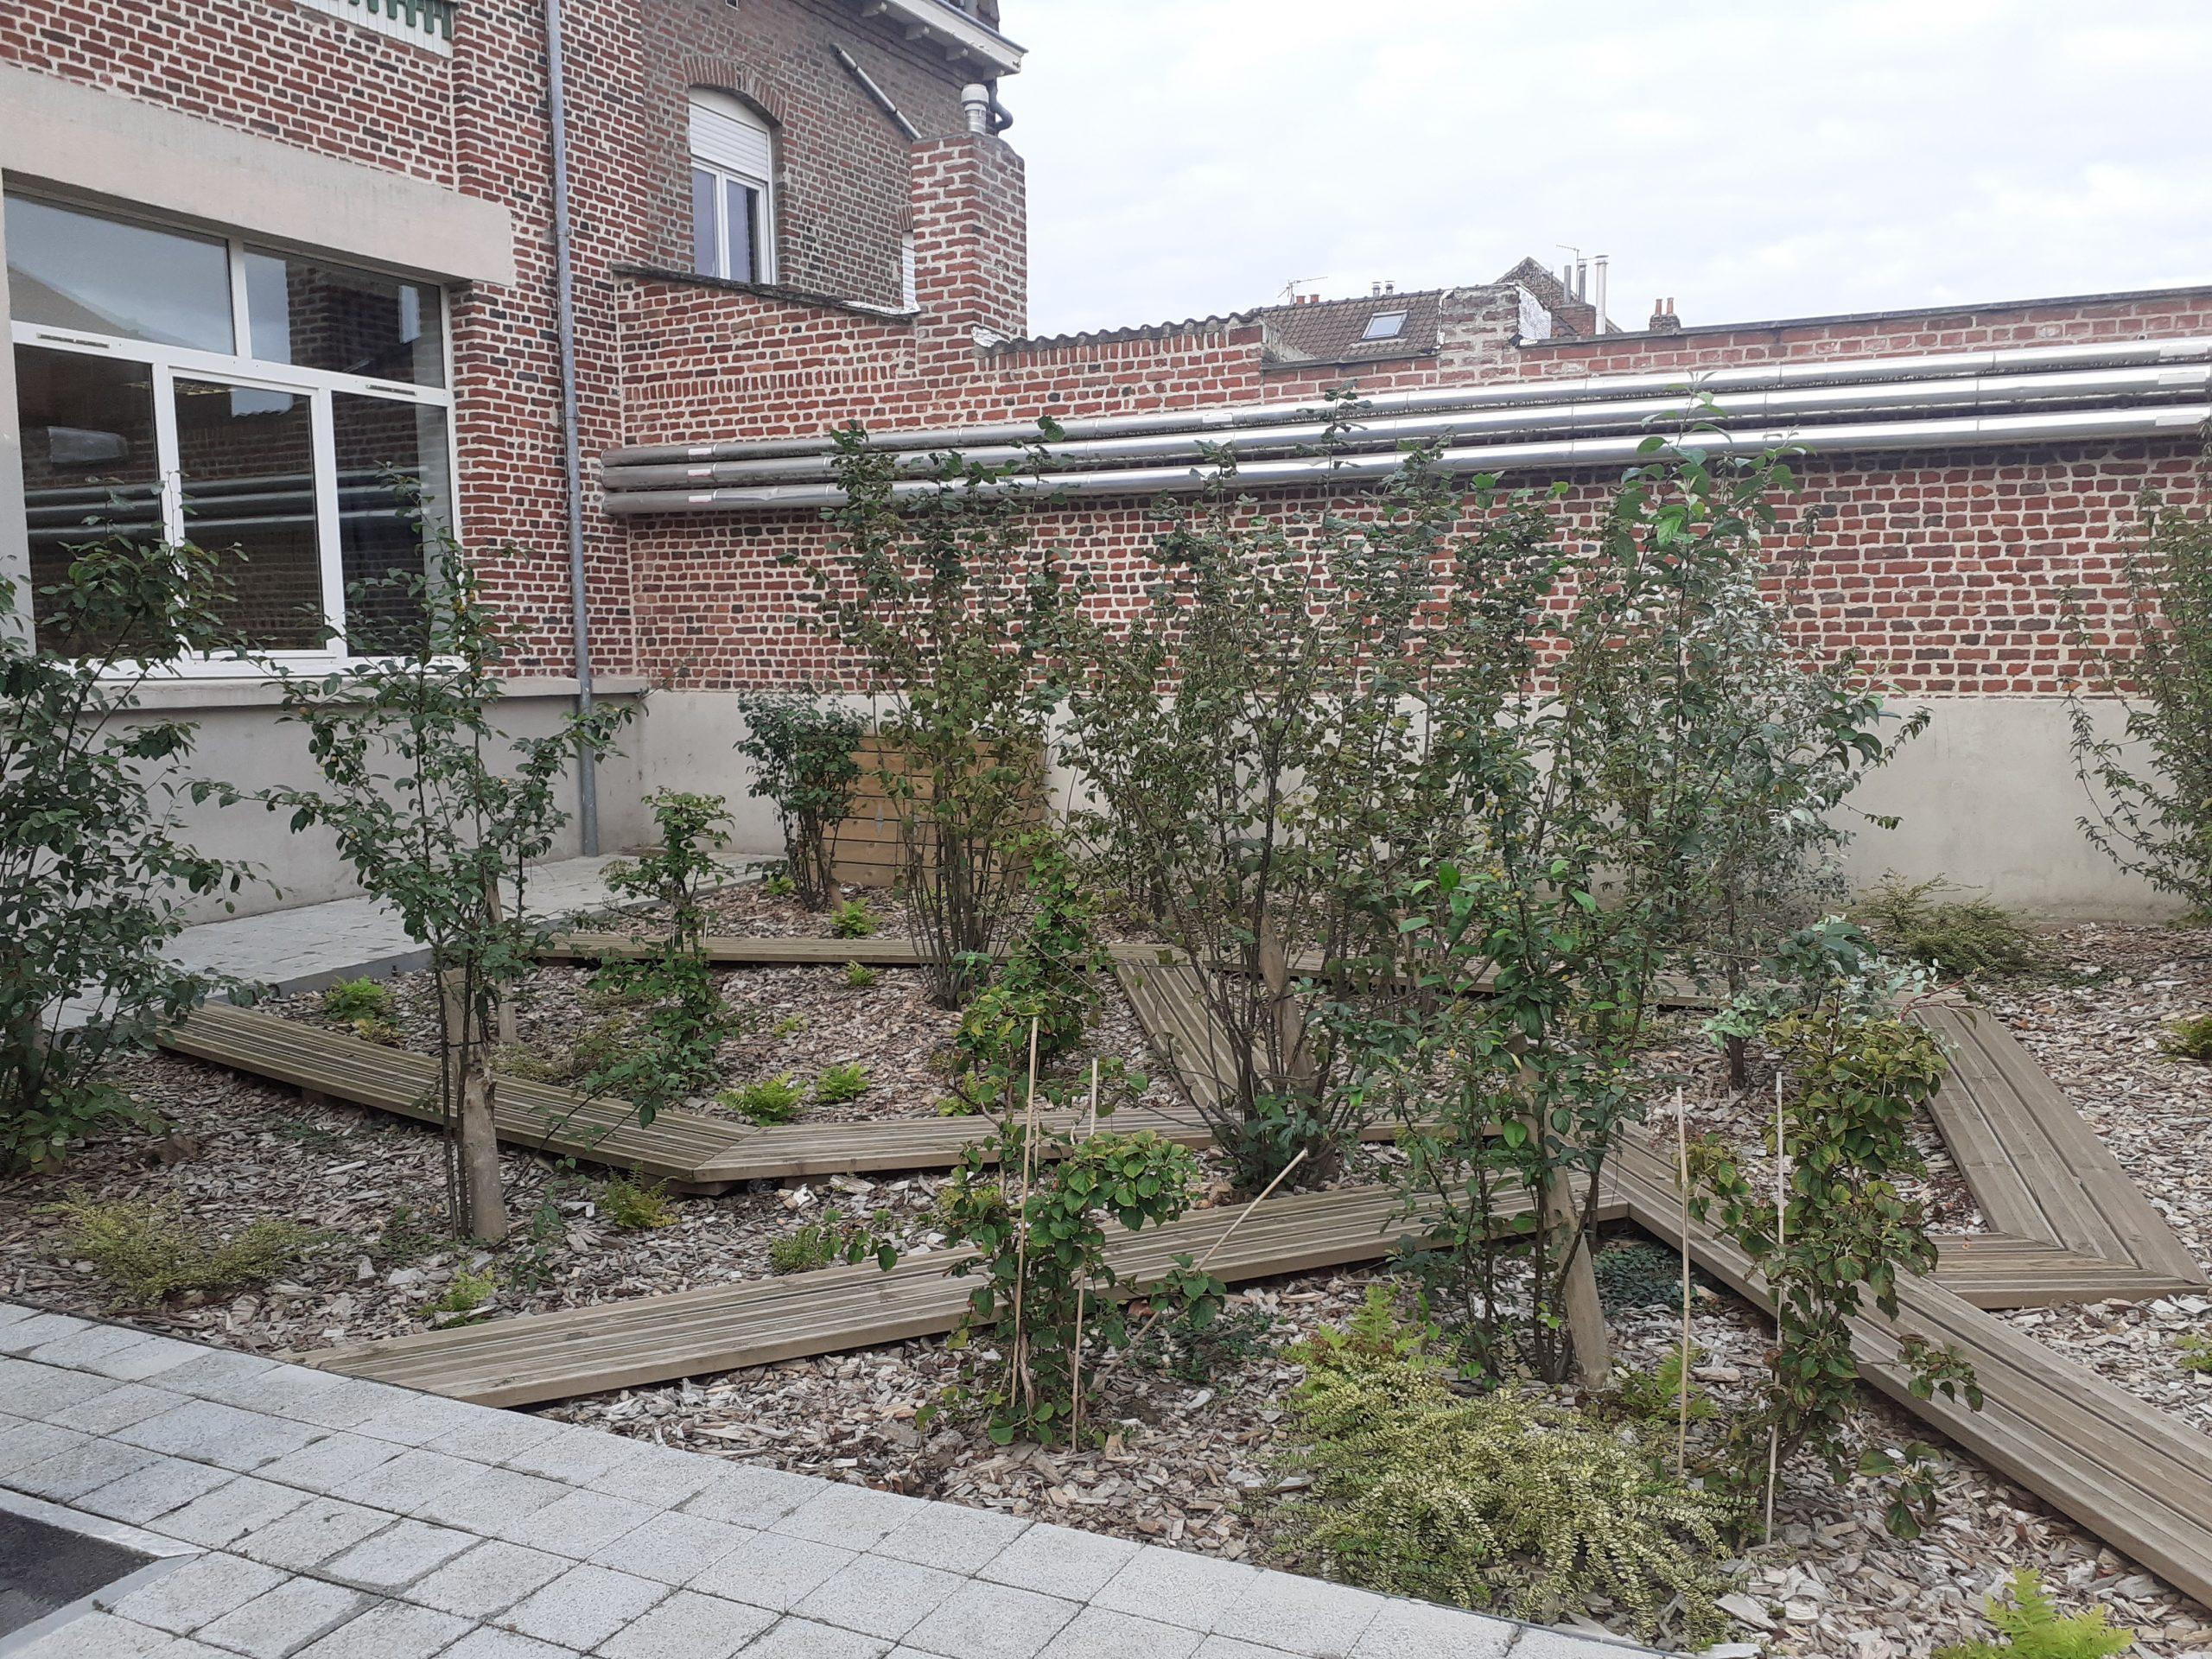 À l'image de ce compost/jardin, l'école Turgot met en place des projets de développement durable comme un potager hors sol, un compost ou encore recolte l'eau de pluie© Sarah Khelifi